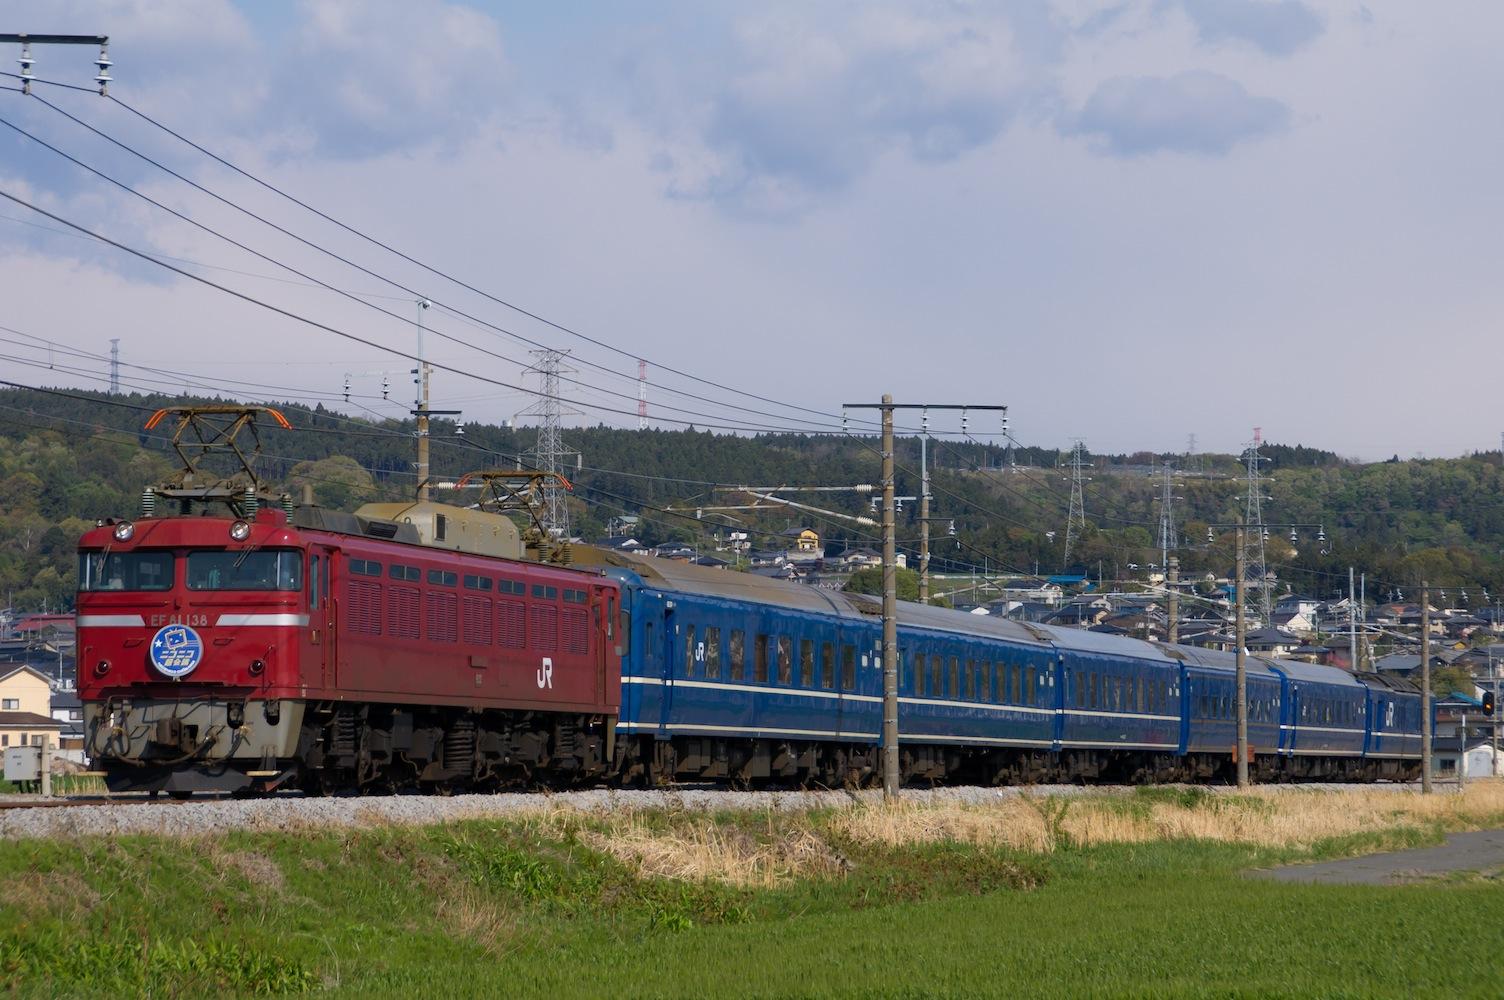 DSC06716-G-2.jpg